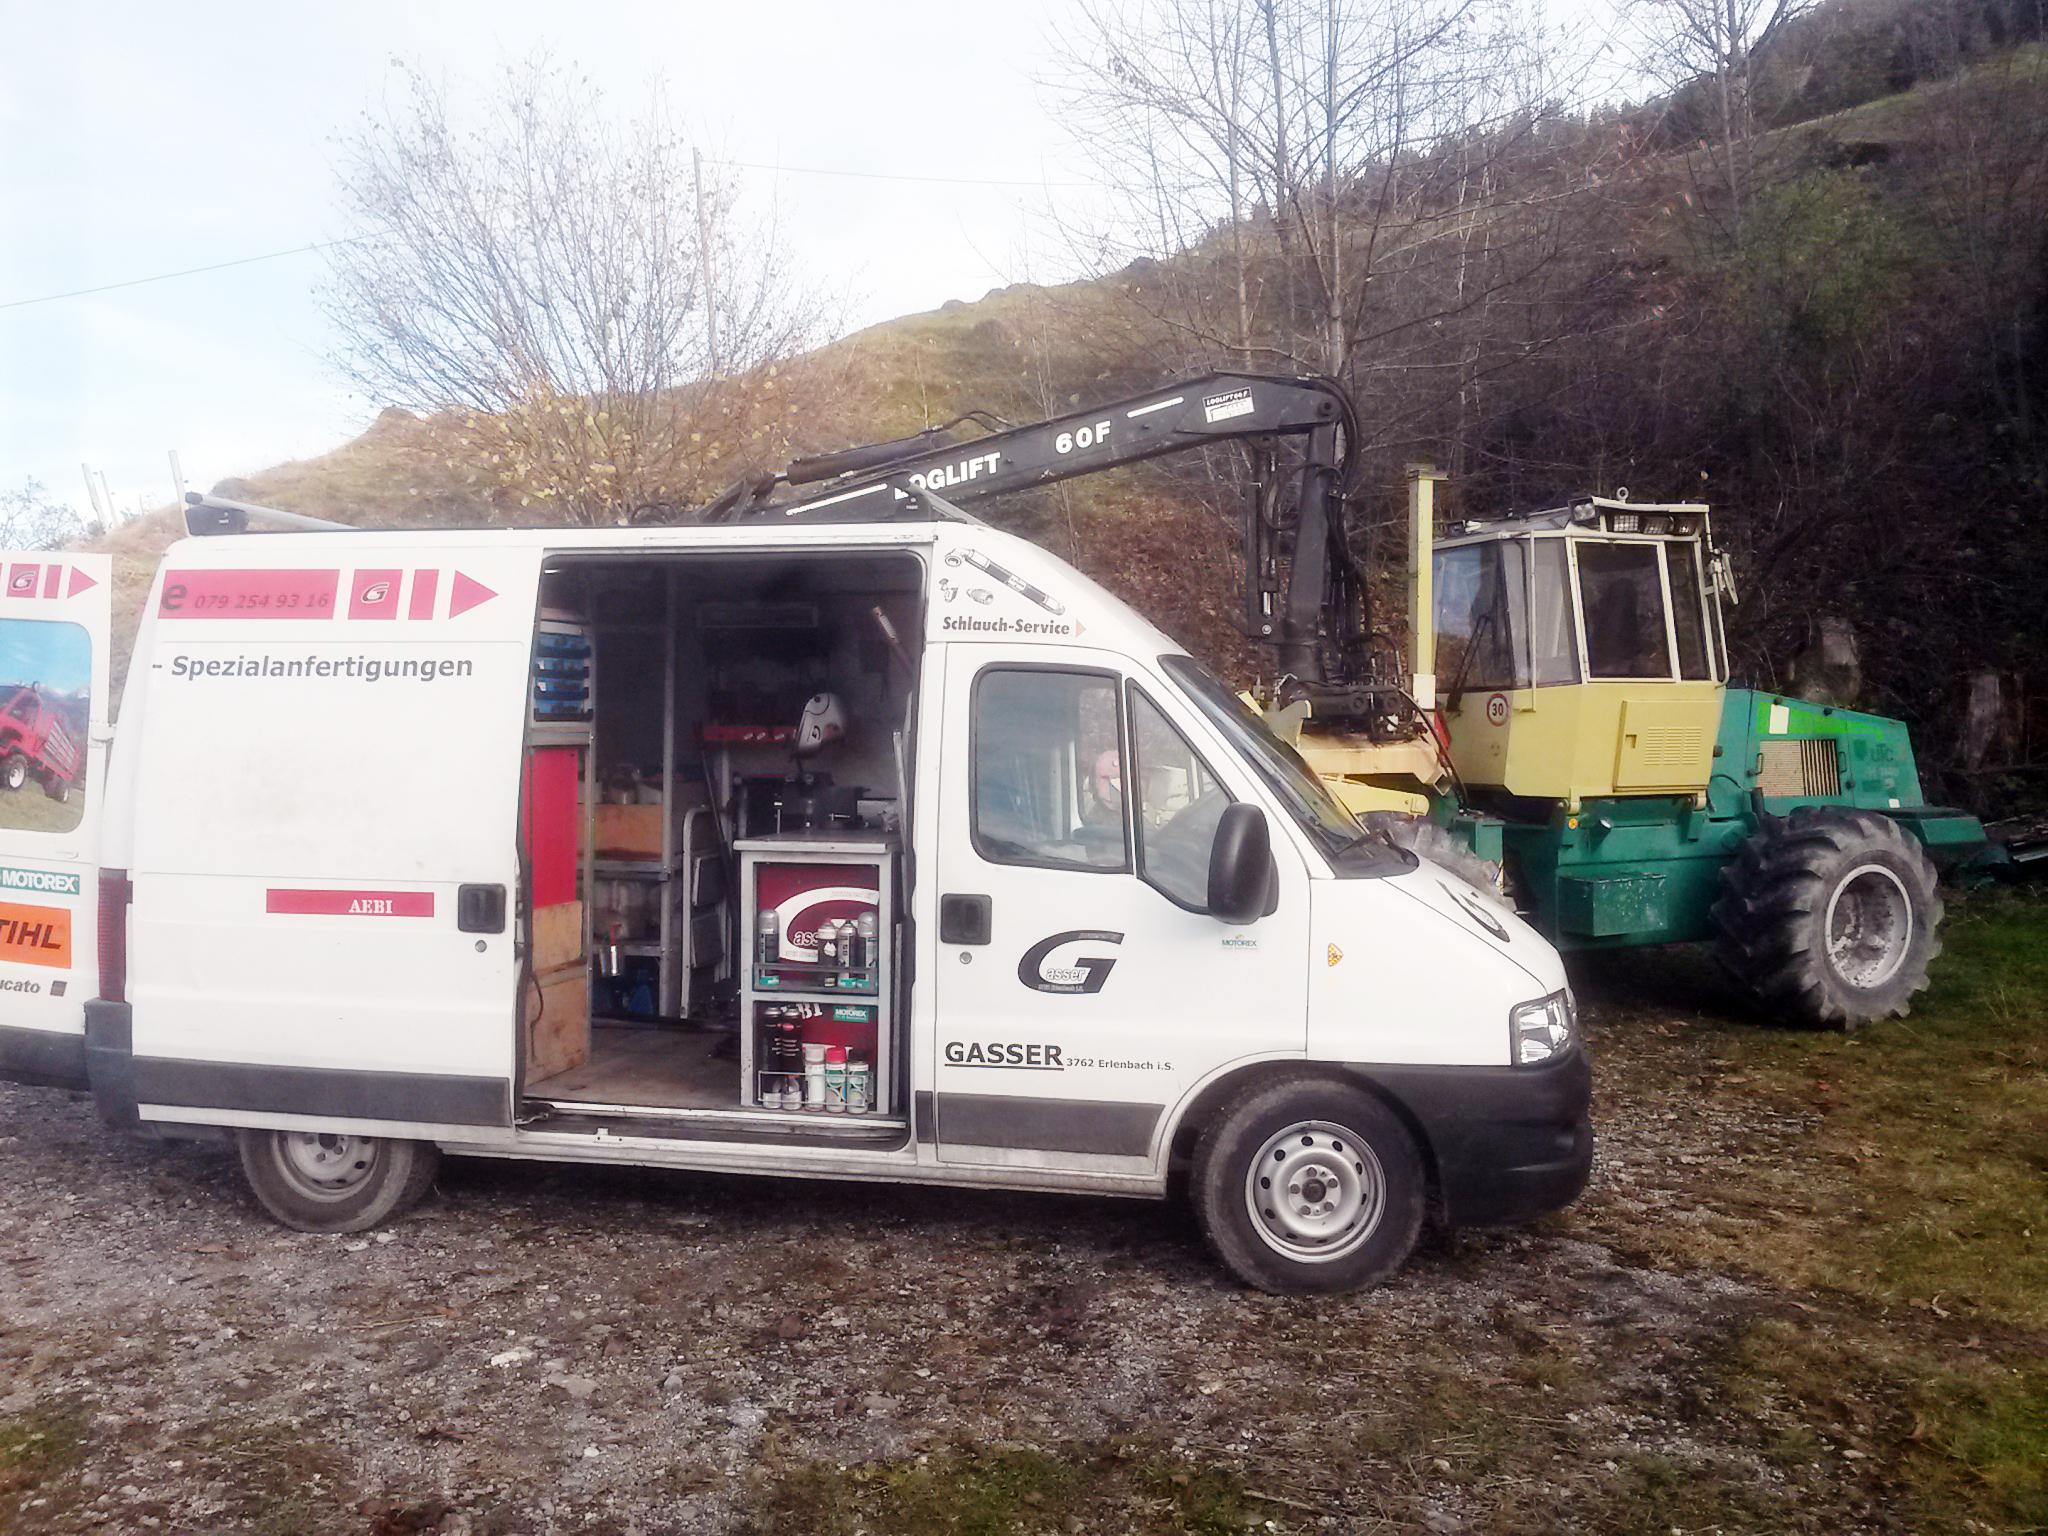 Reparaturservice vor Ort